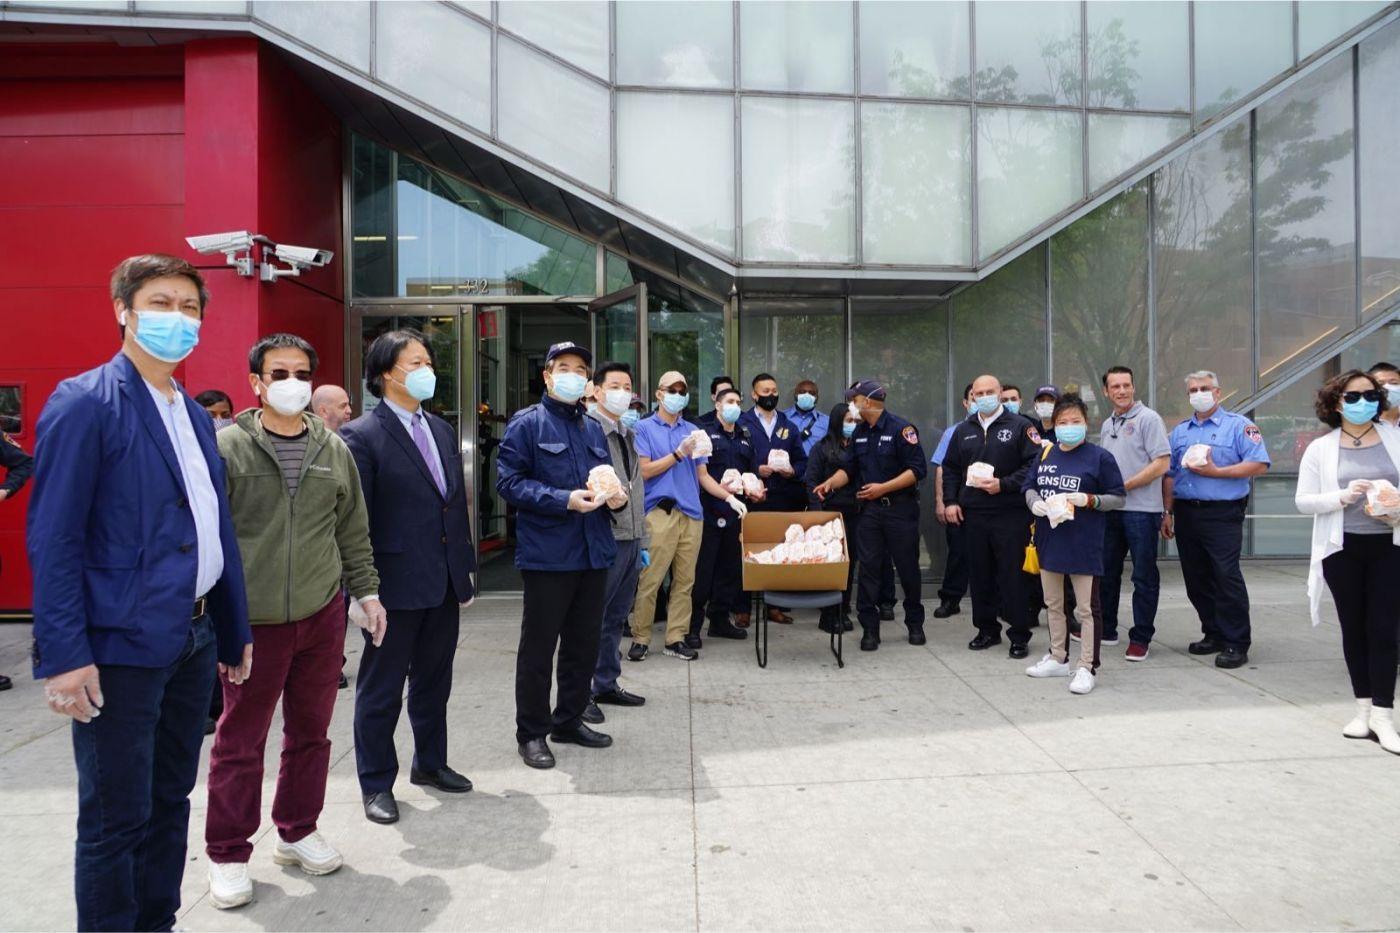 紐約華人僑團及企業家獻愛心捐贈防護物资給市消防局协助抗擊COVID-19疫情 ... ... ... ..._图1-6